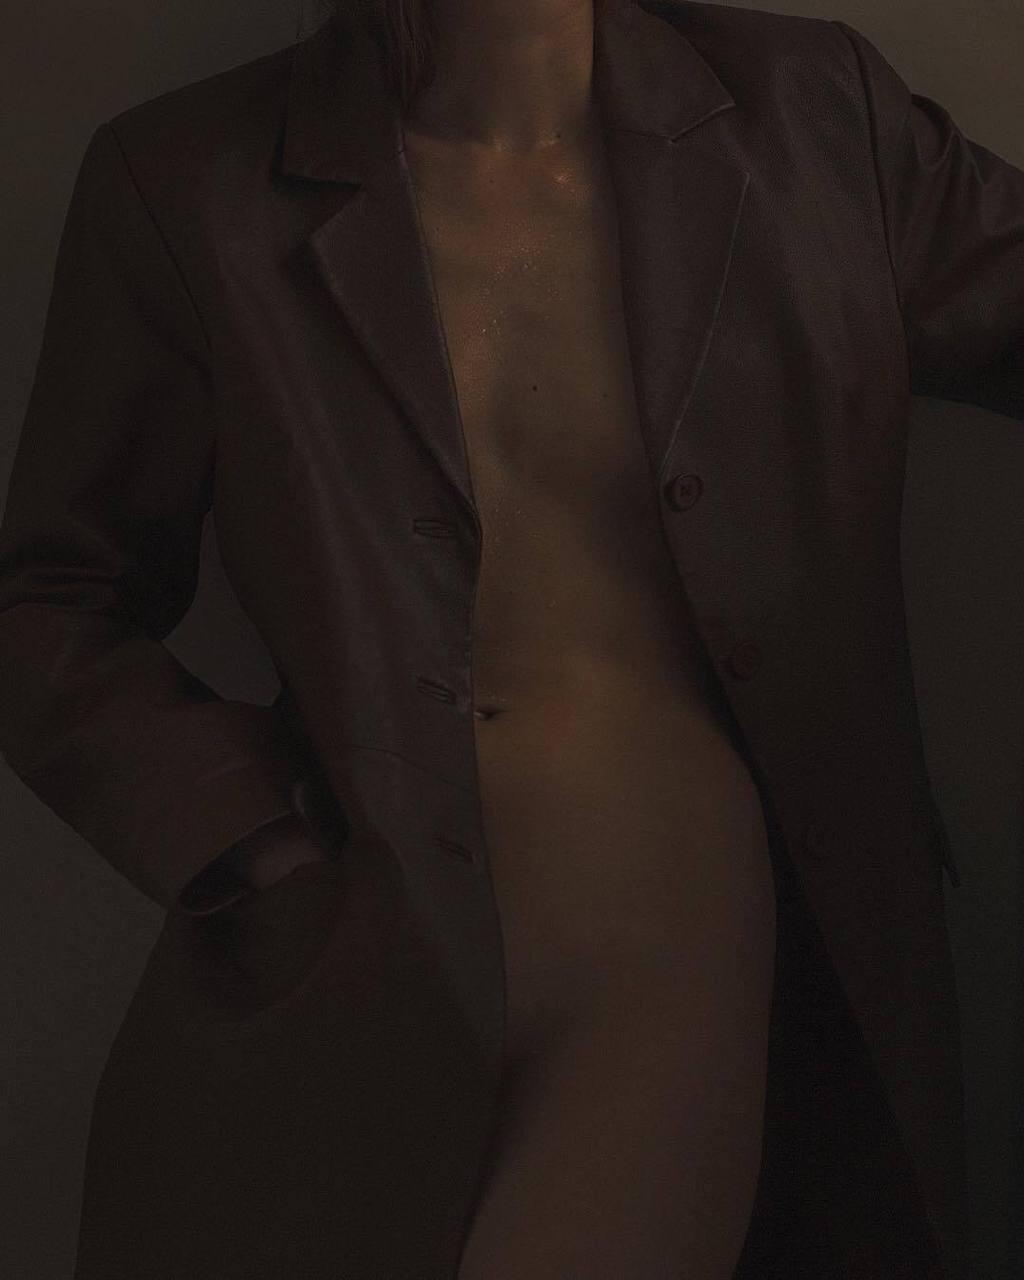 俄罗斯摄影师Anastasia Lisitsyna的人像摄影作品 时尚图库 第2张